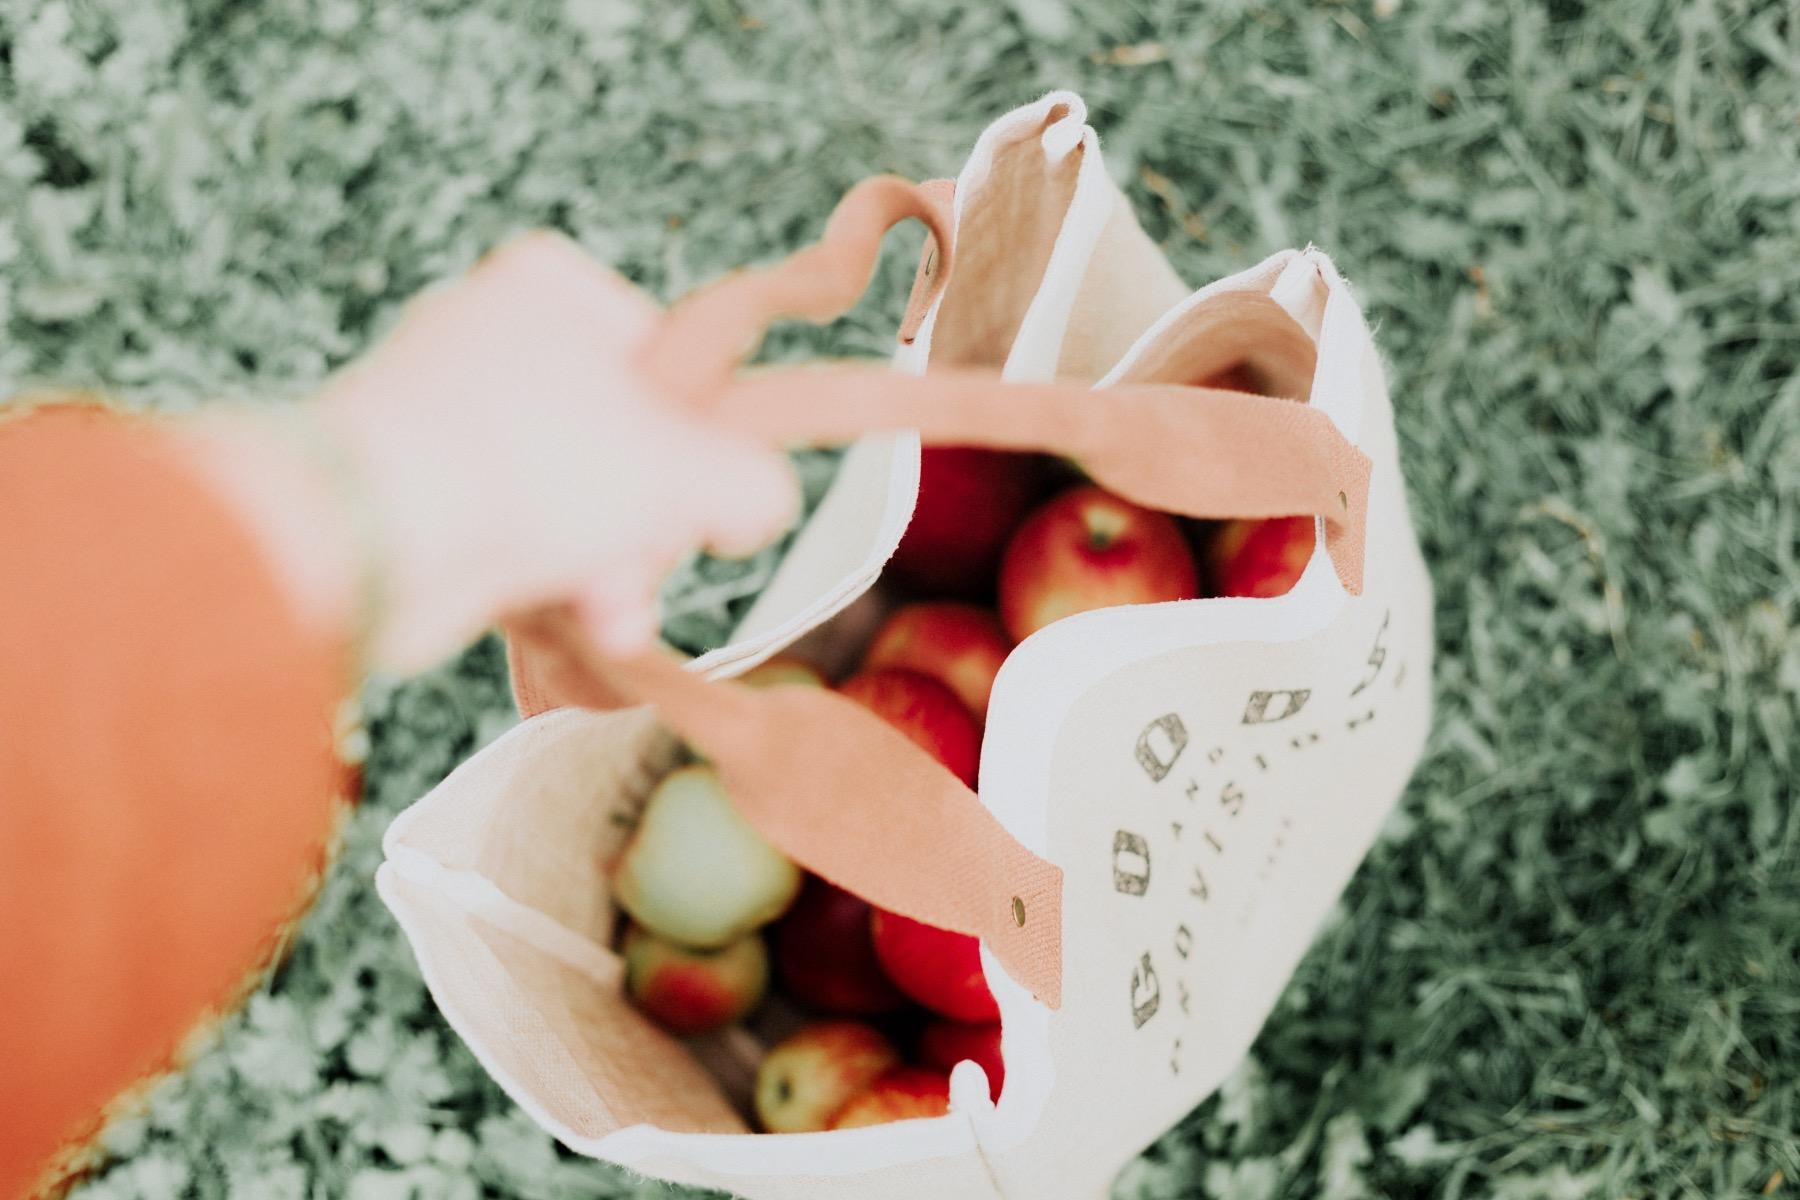 frischeautomaten augsburg Apfel – ©Unsplash